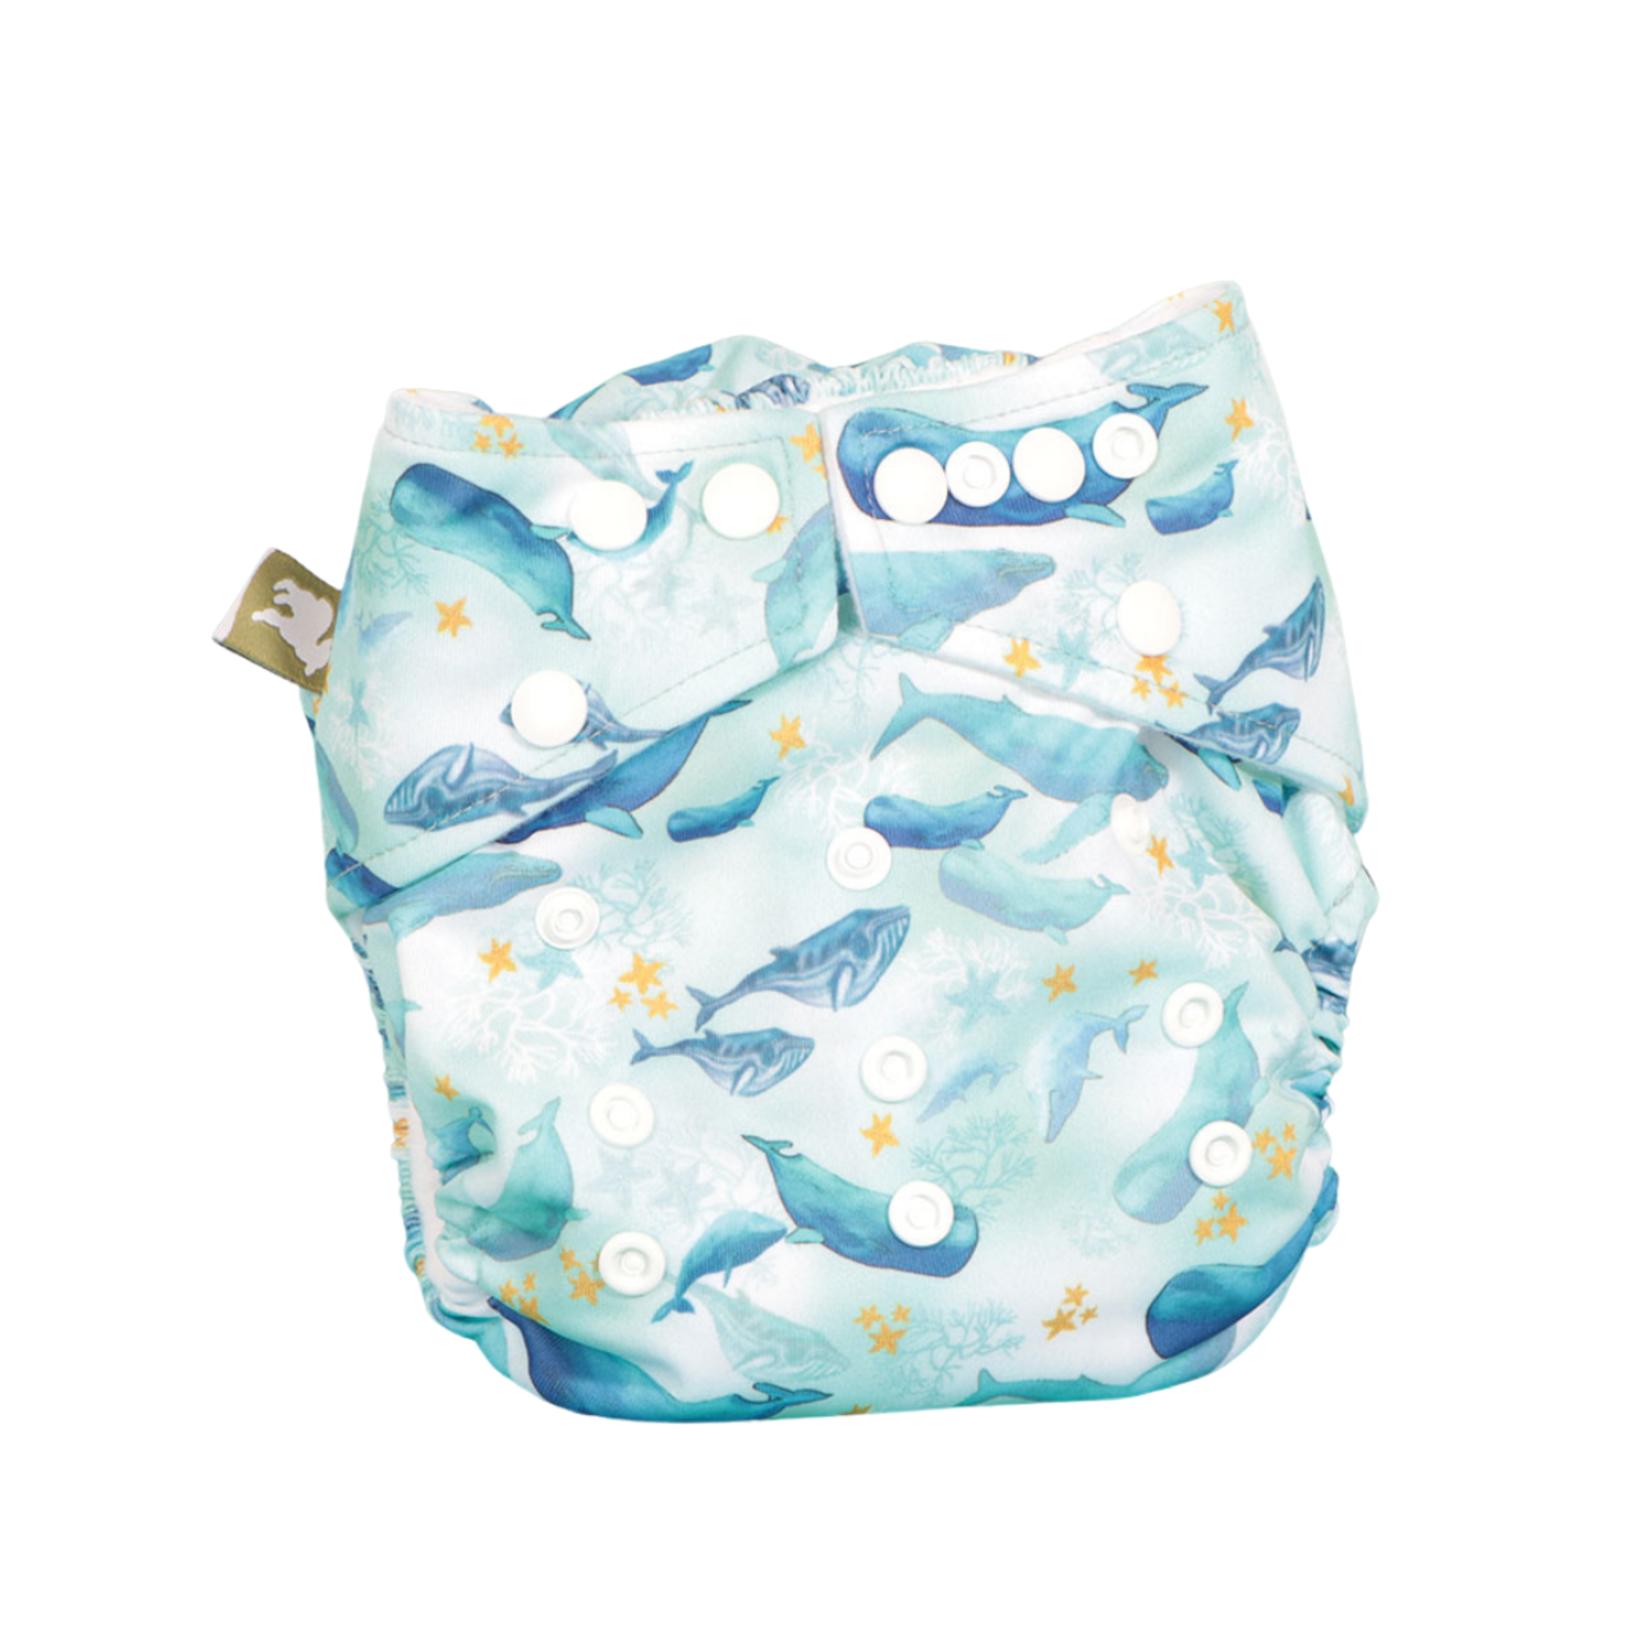 LittleLamb One Size Pocketluier (Under The Sea)